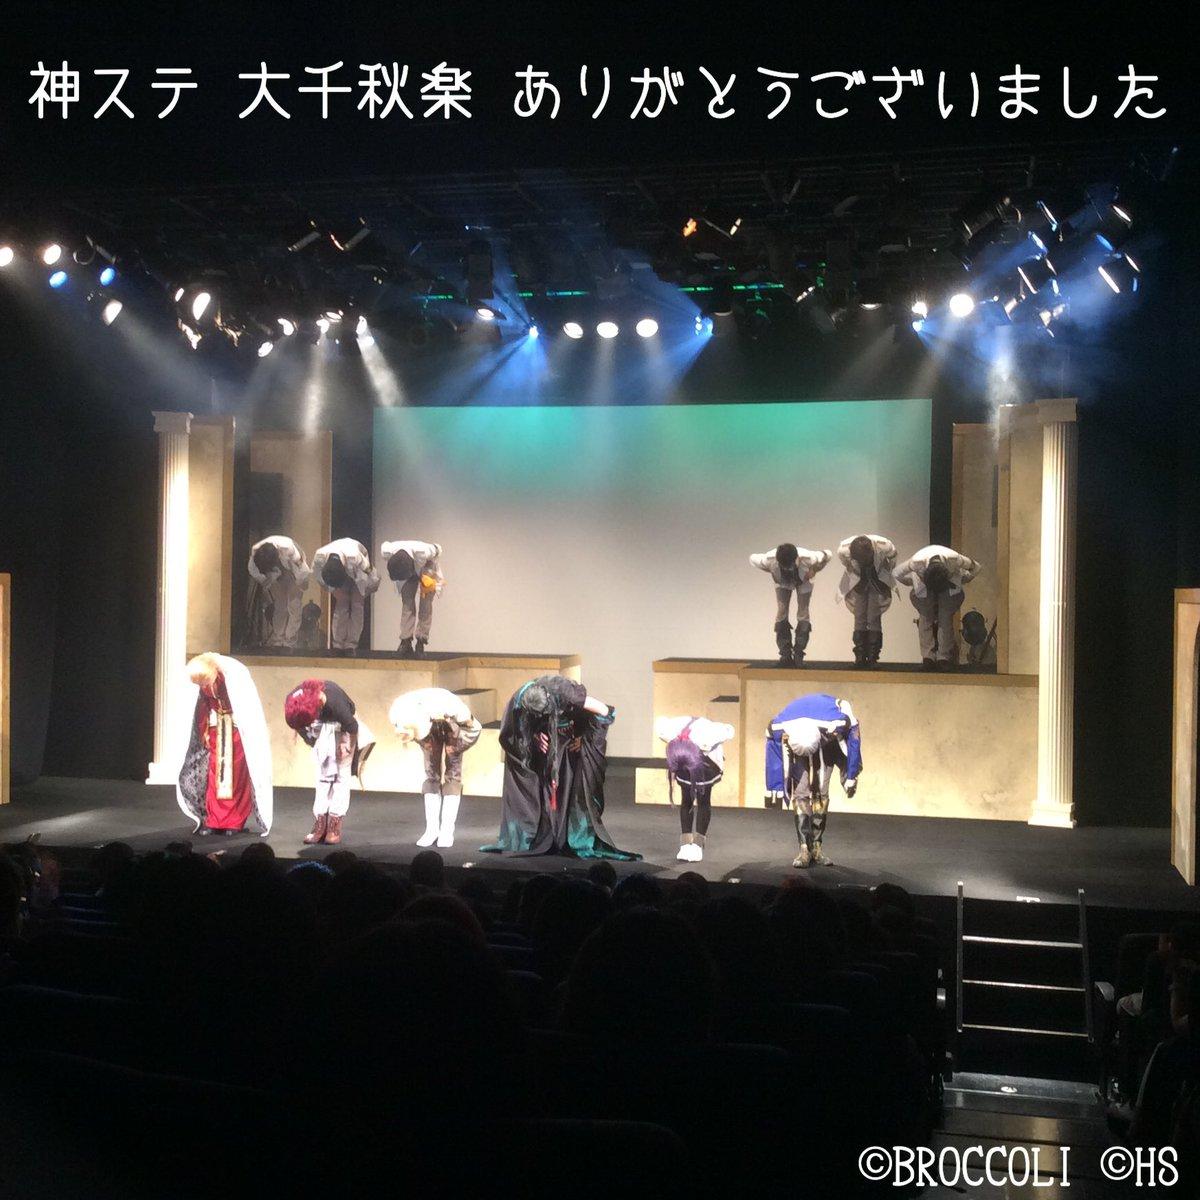 『The Stage 神々の悪戯 (あそび)太陽と冥府の希望』おかげさまで幕を下ろしました。舞台化発表から本日まで熱い応